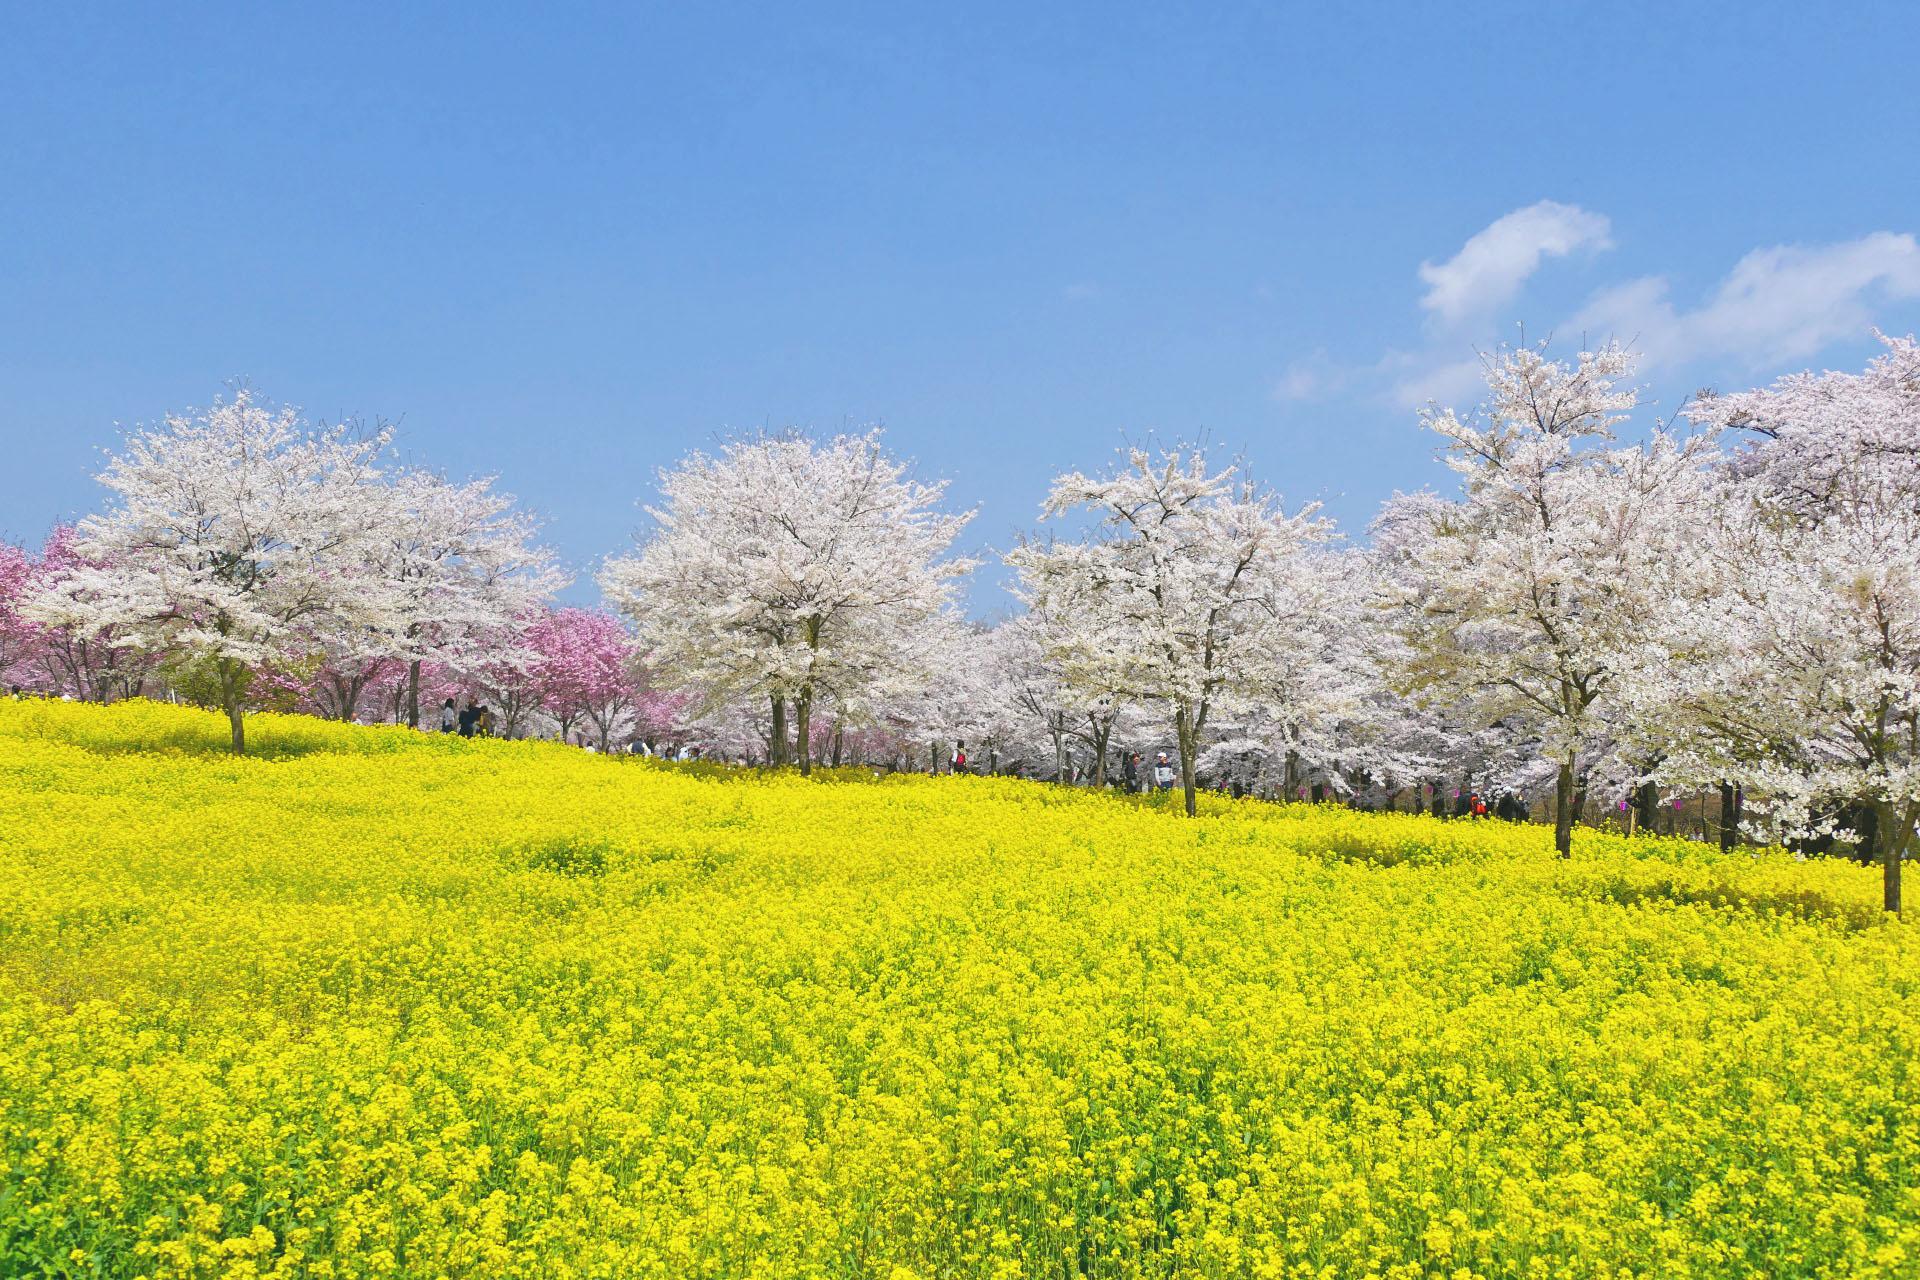 赤城南面千本桜と菜の花の風景 群馬の風景